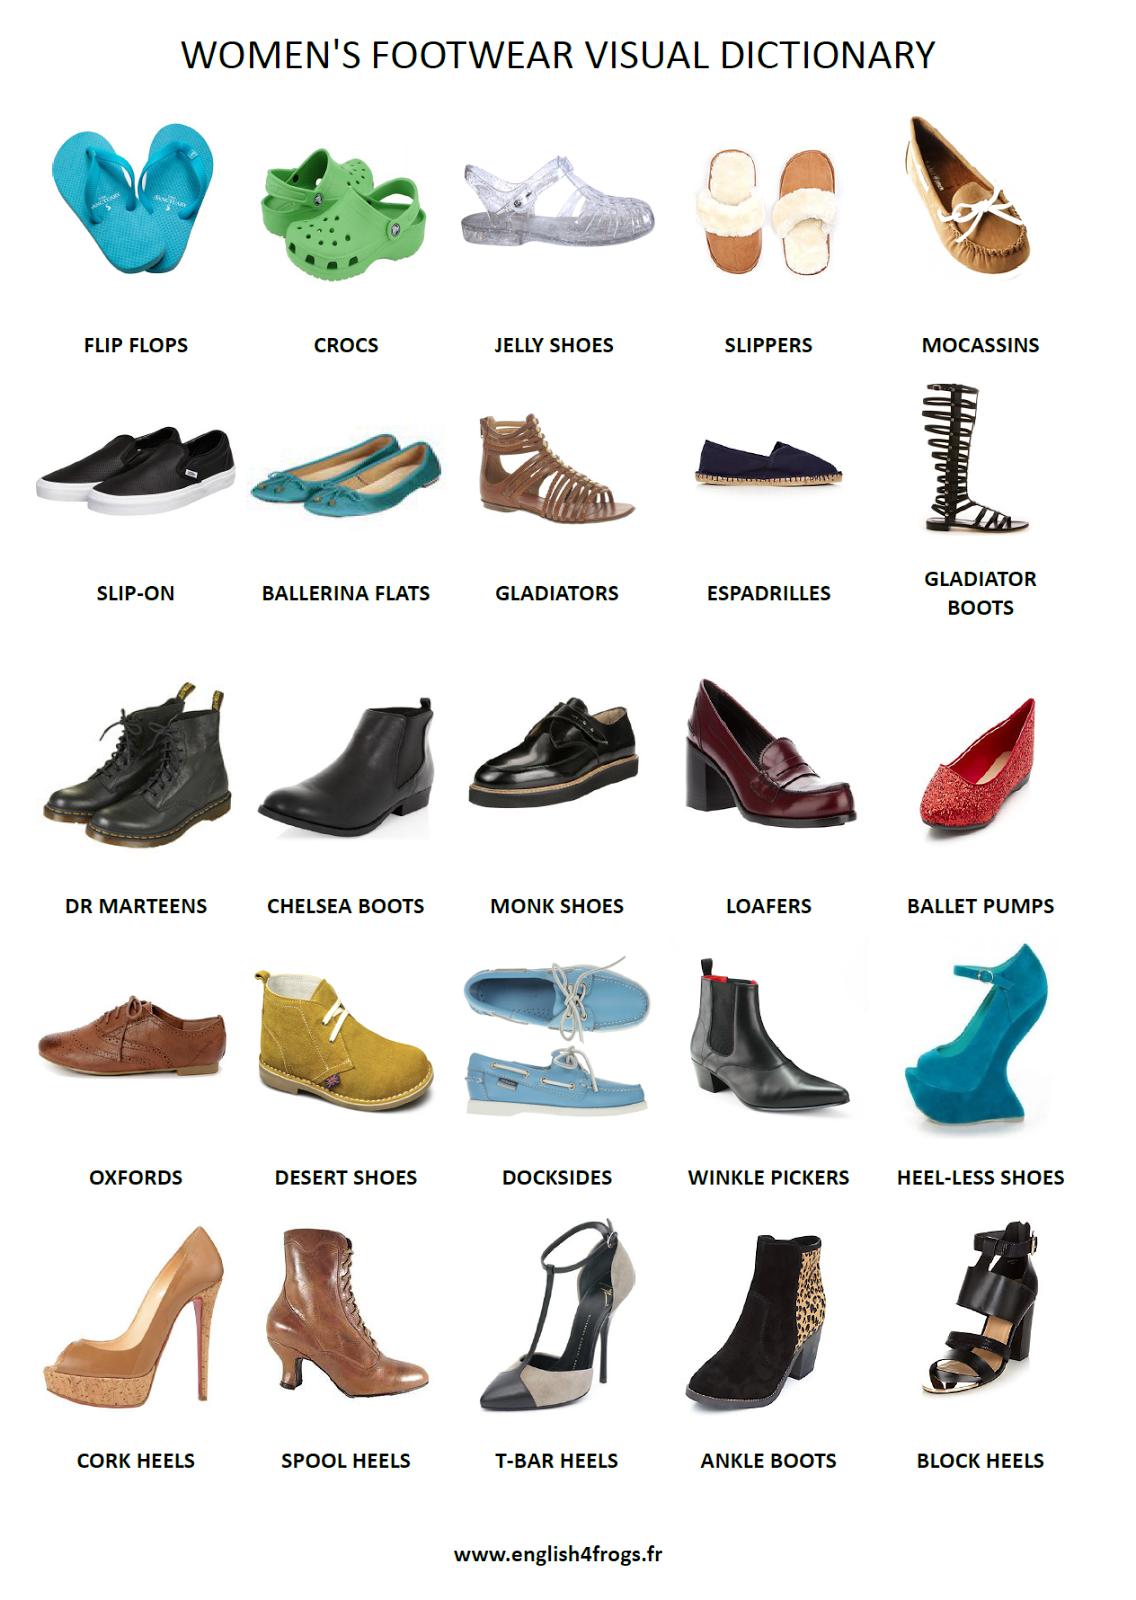 parler anglais rapidement fiche de vocabulaire n 19 les chaussures pour femmes en anglais. Black Bedroom Furniture Sets. Home Design Ideas